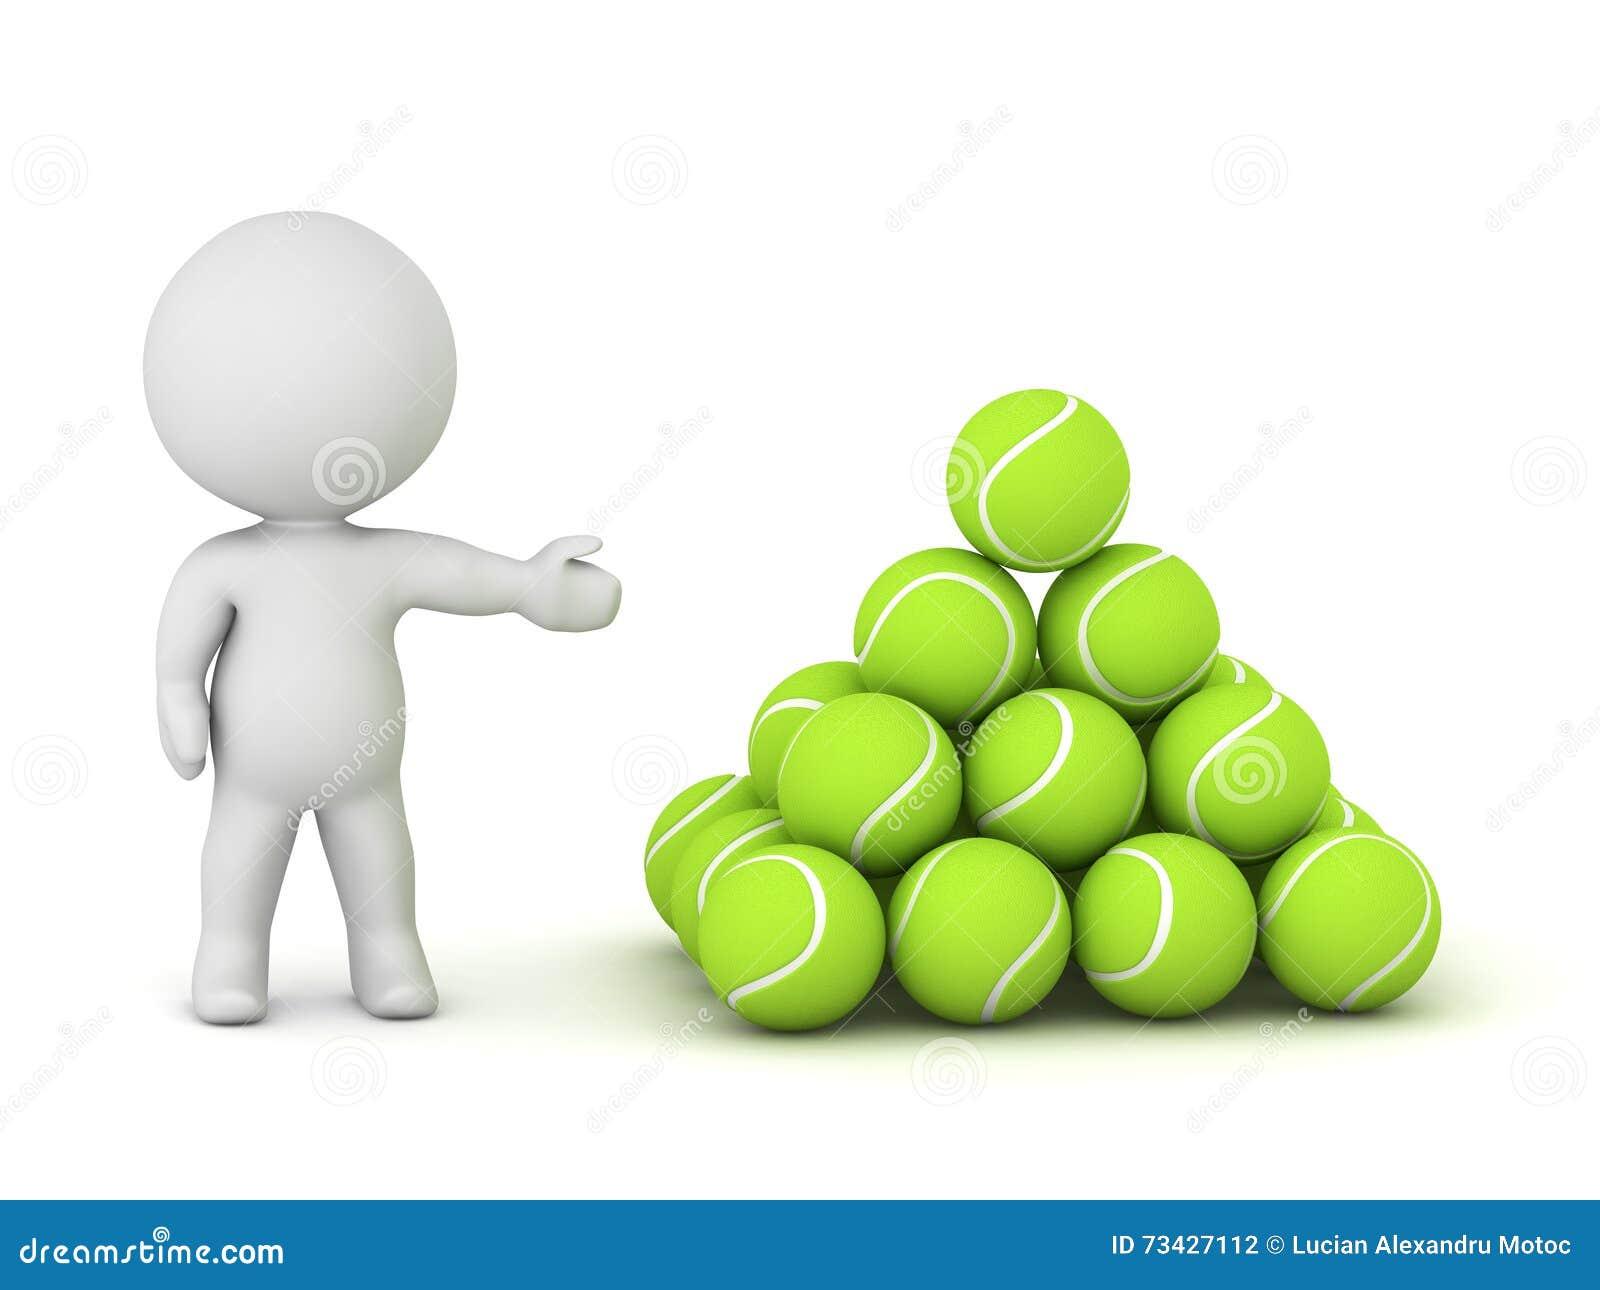 Tenis pelota stock de ilustracion ilustracion libre de stock de - Car Cter 3d Que Muestra La Pila De Pelotas De Tenis